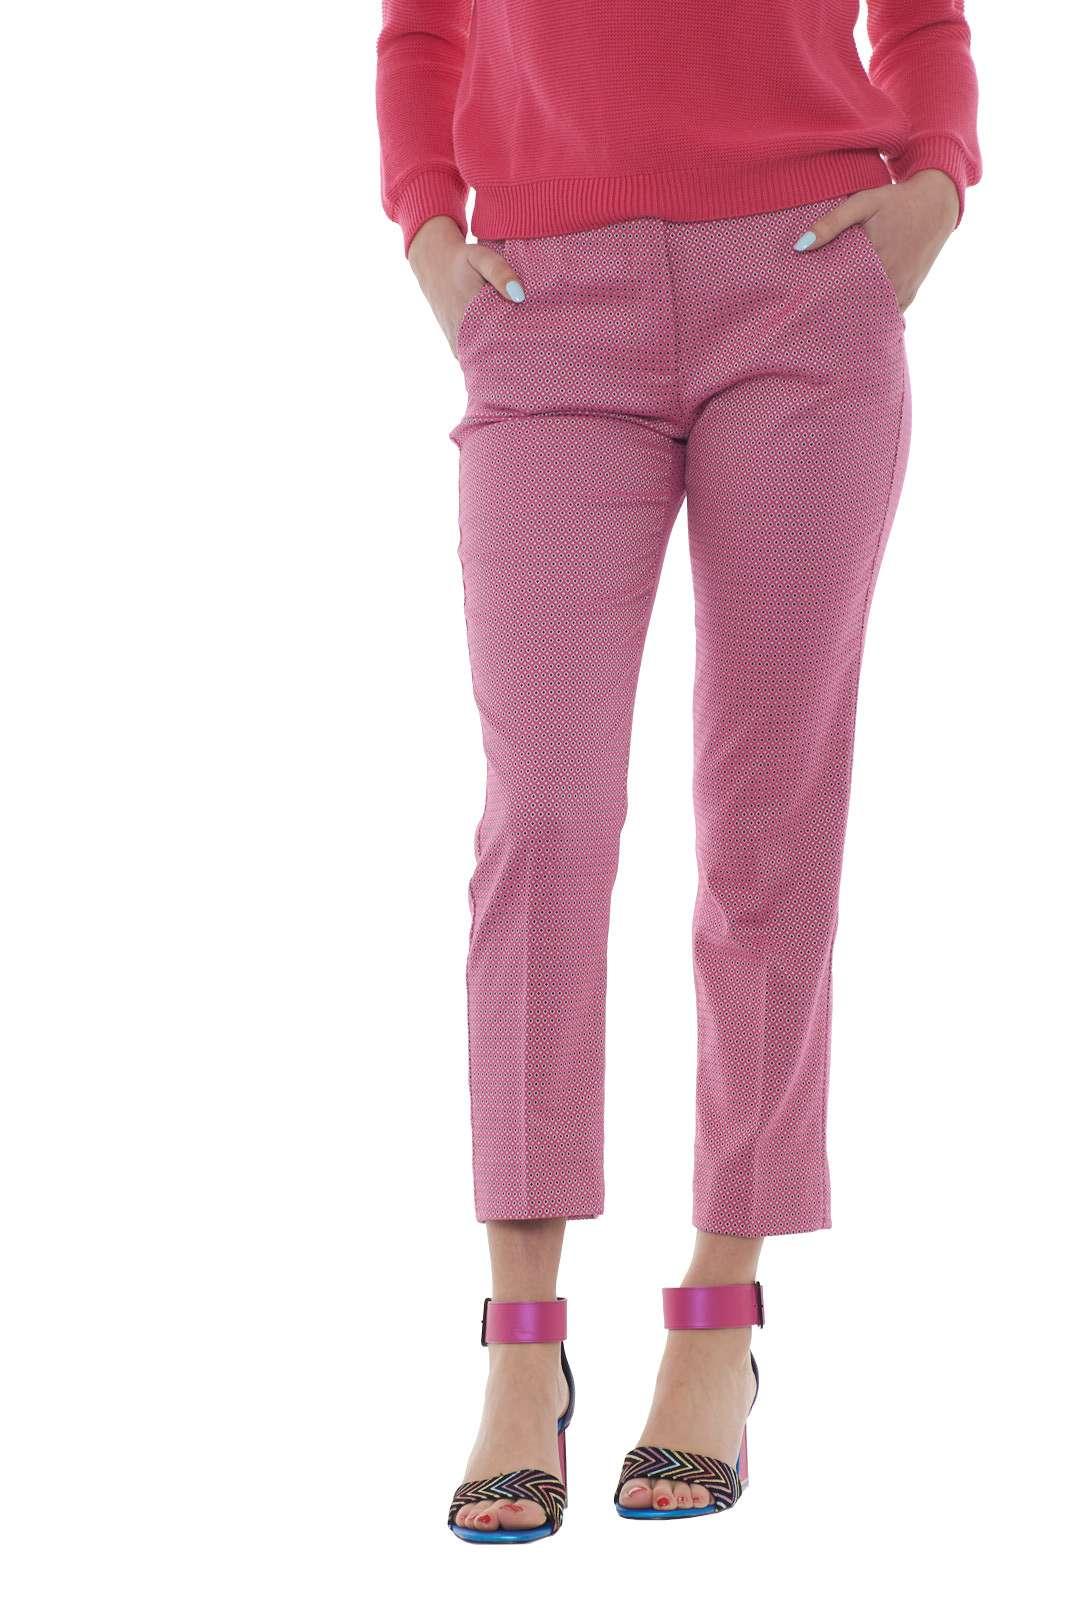 https://www.parmax.com/media/catalog/product/a/i/PE-outlet_parmax-pantaloni-donna-MaxMara-51310207-A.jpg